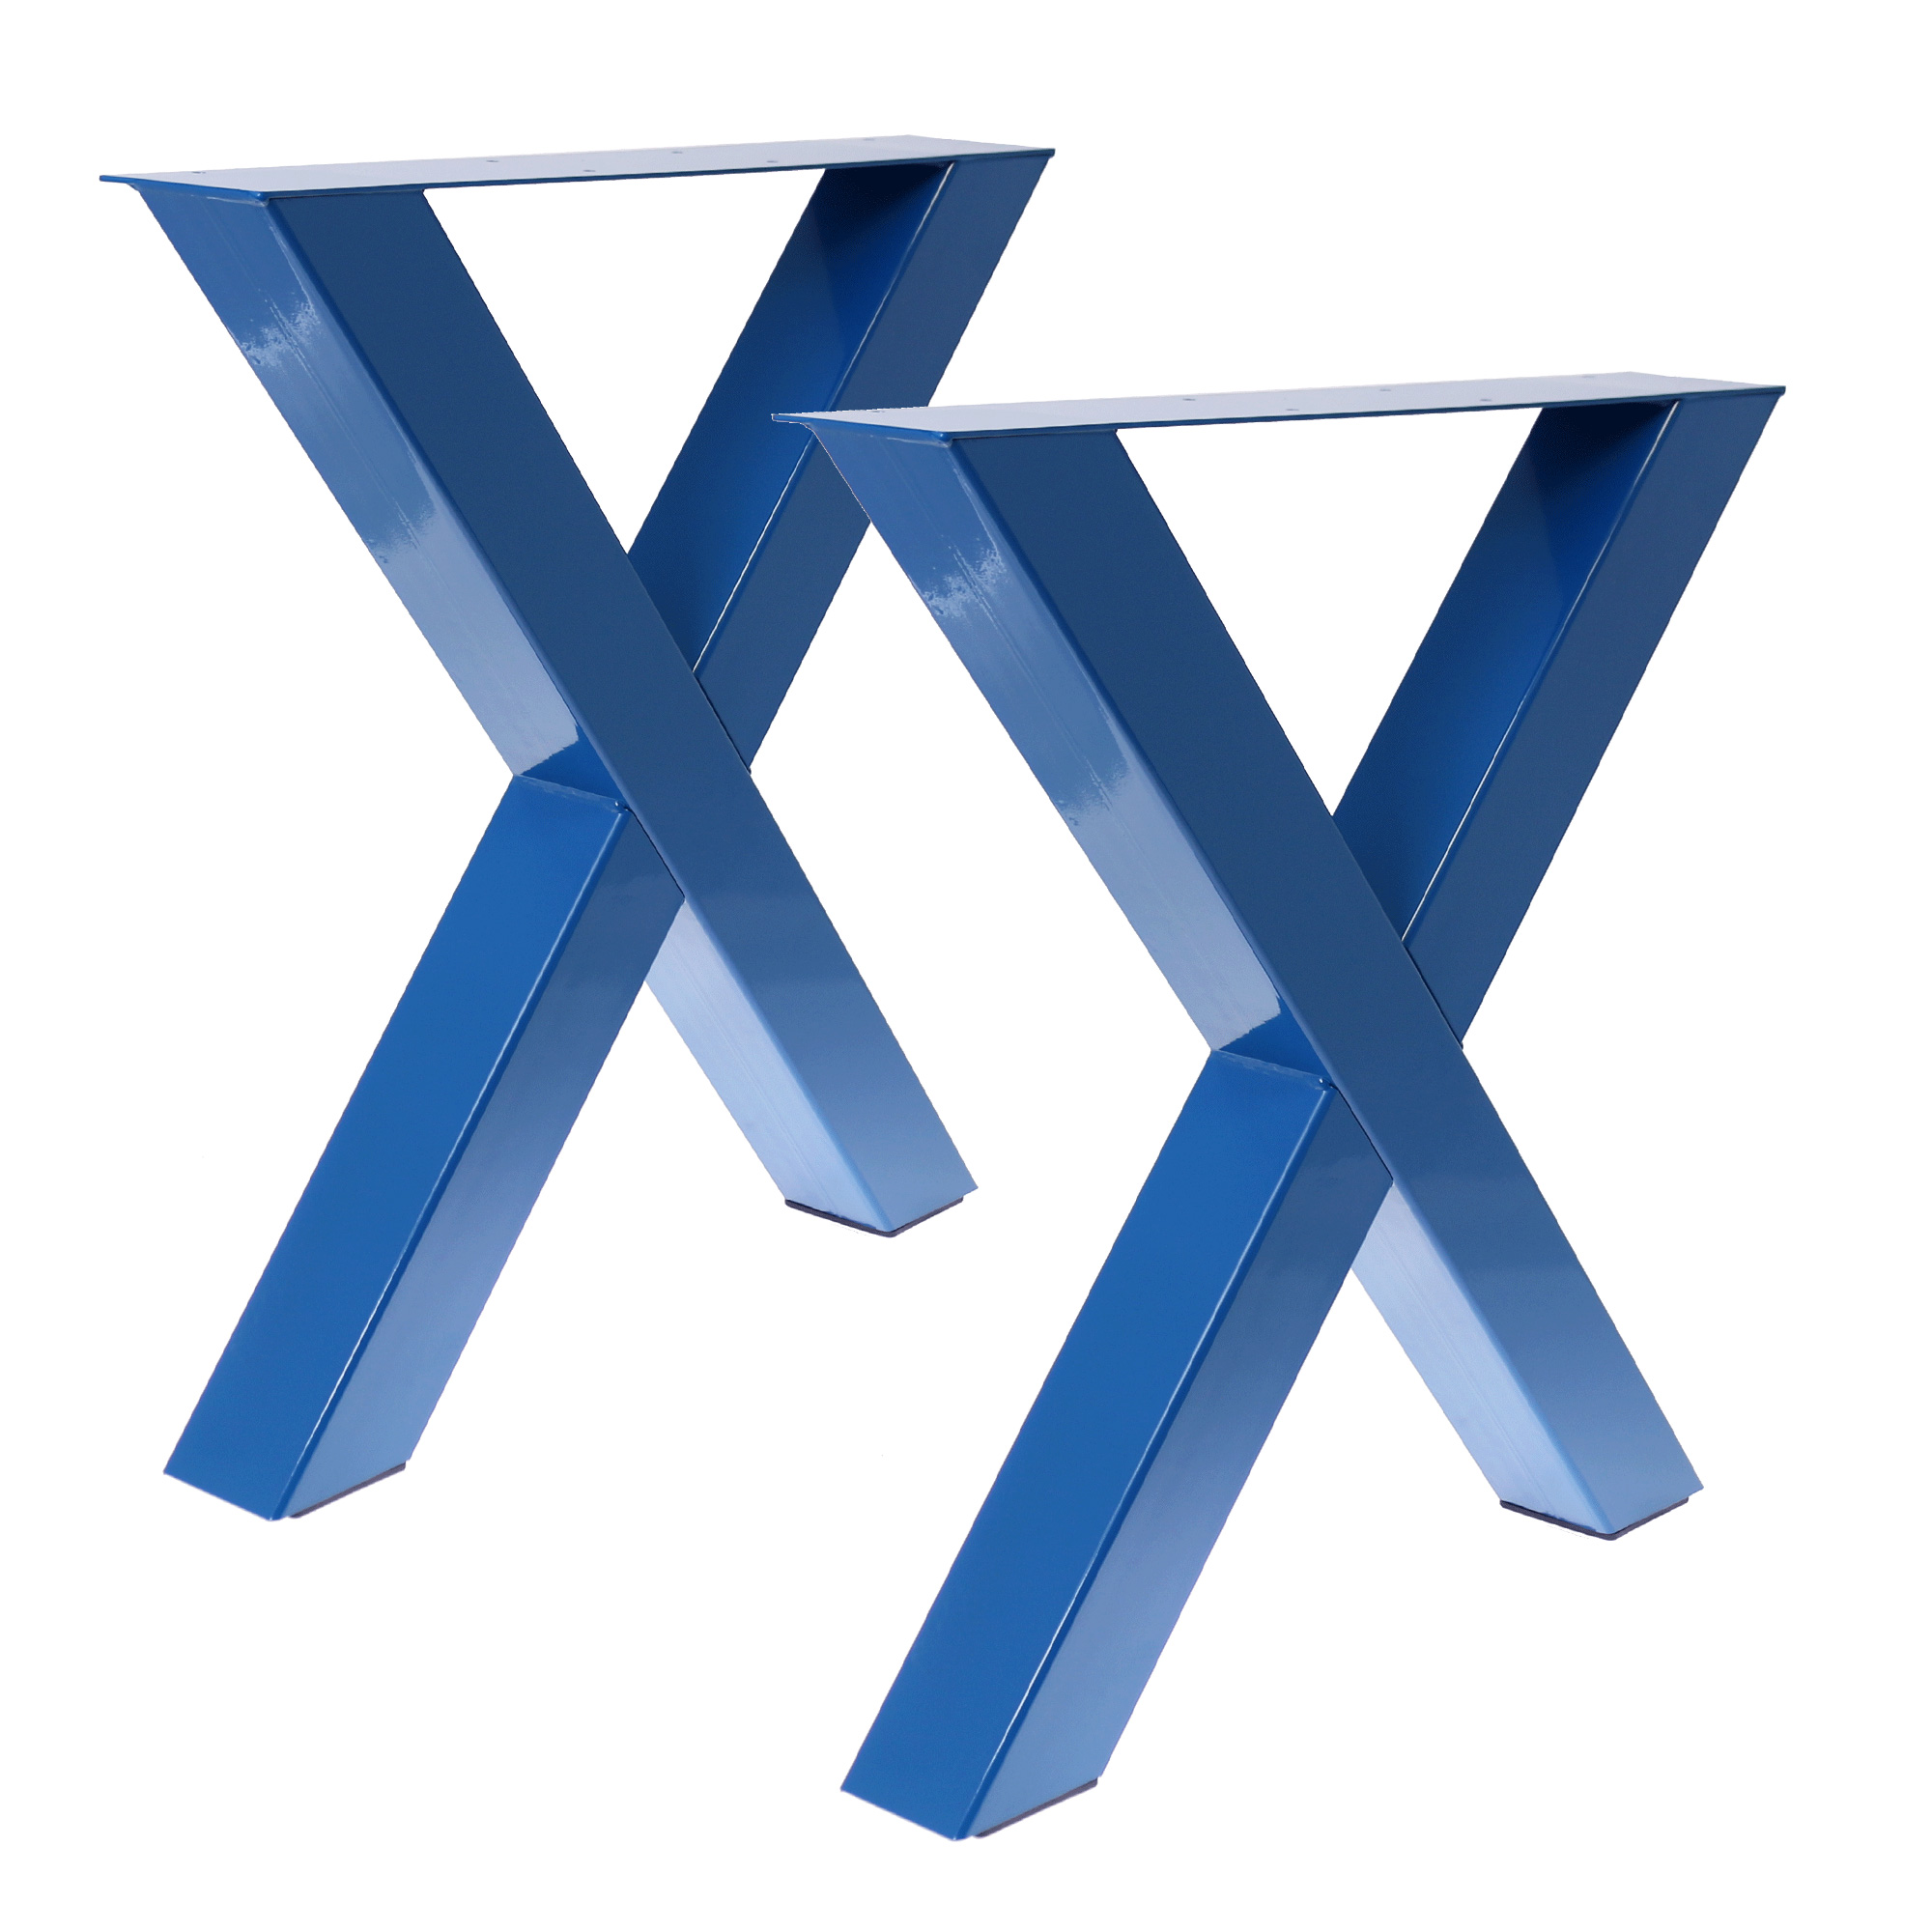 Tisch X - 80/80 Capriblau 2er Set